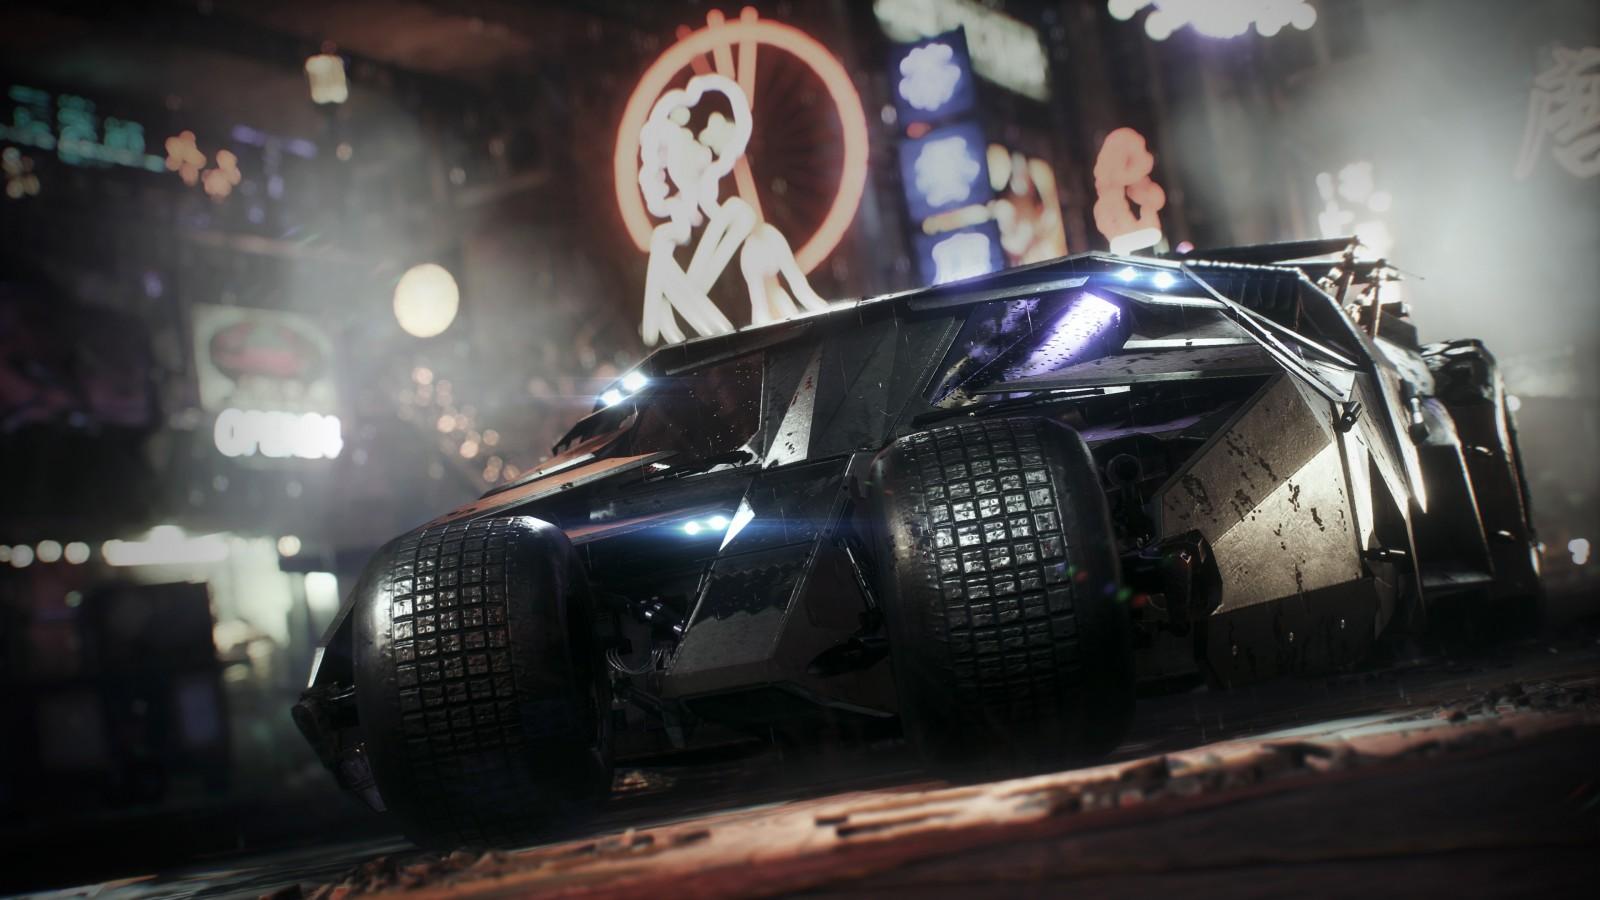 Batman Tumbler Batmobile 4K Wallpapers HD Wallpapers